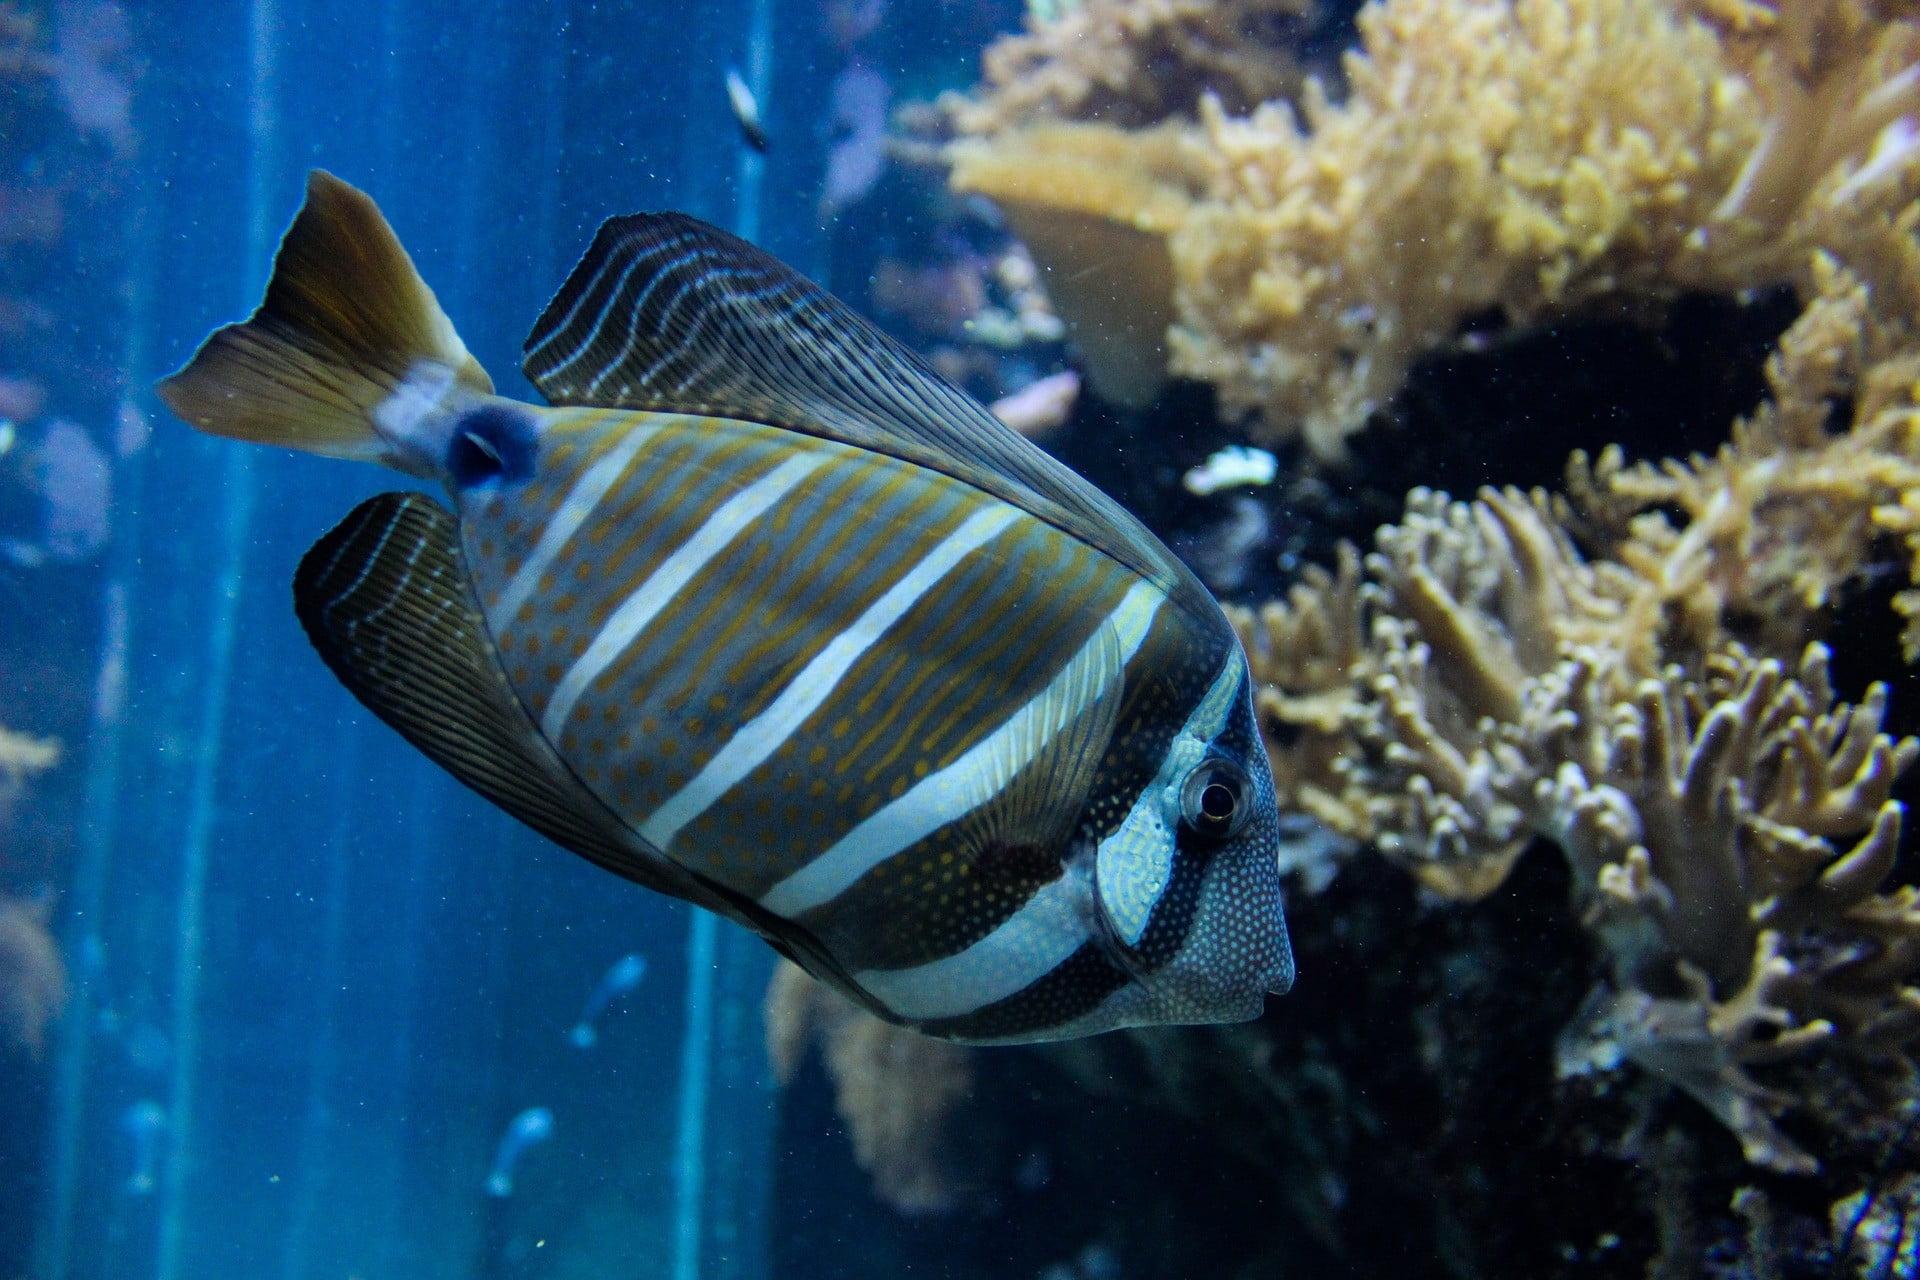 Photo of a fish inside an aquarium